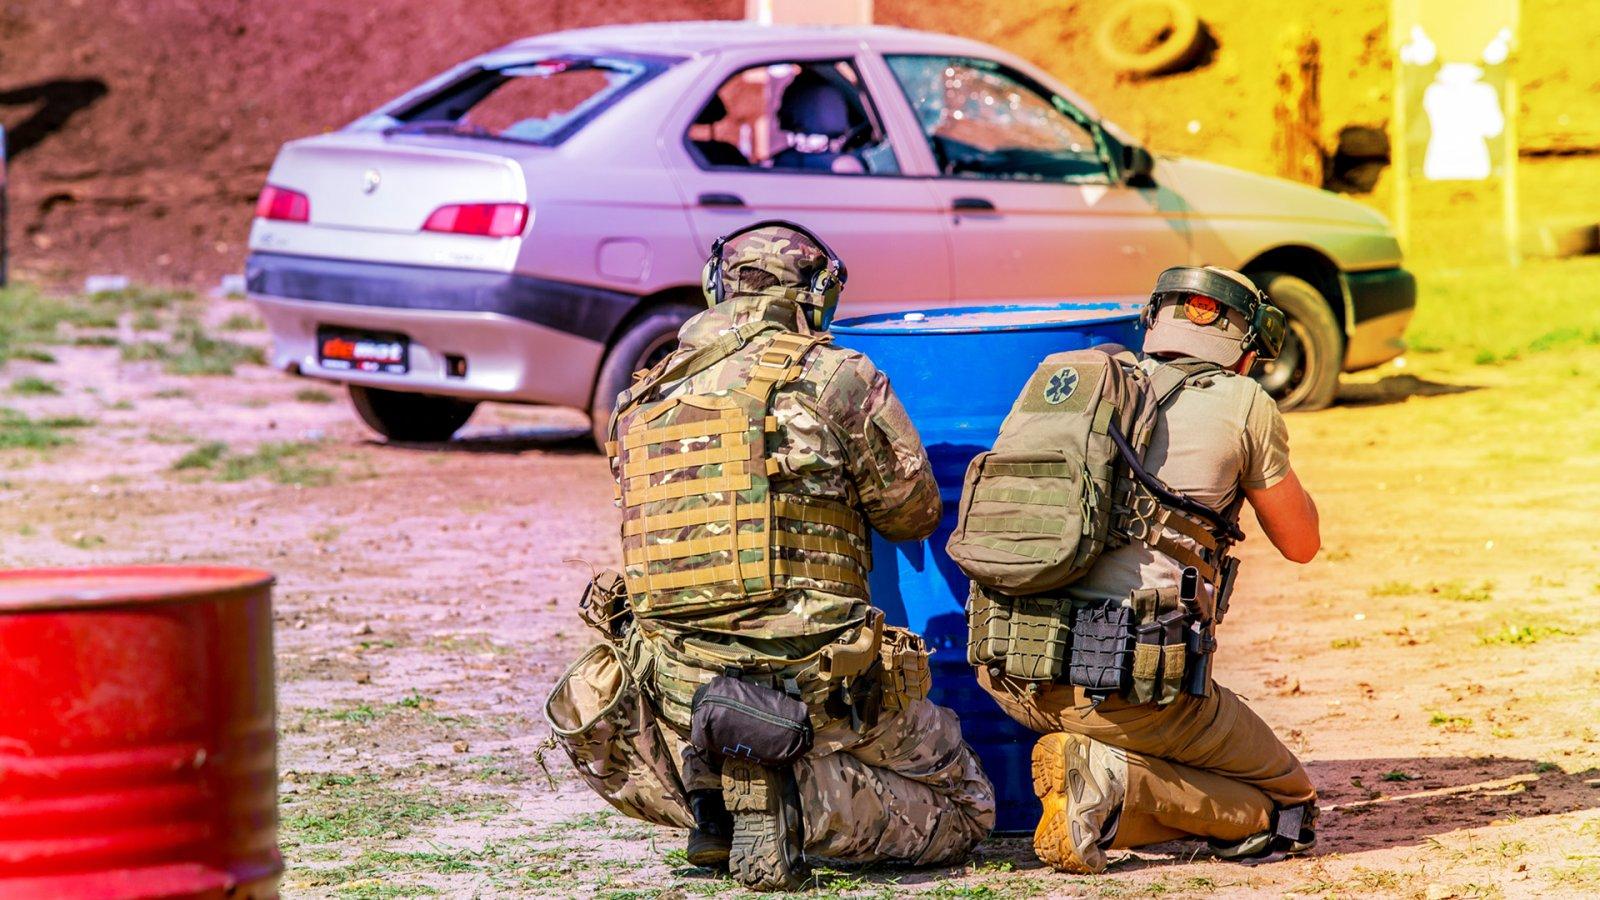 Strzelanie Bojowe z użyciem samochodów cz1